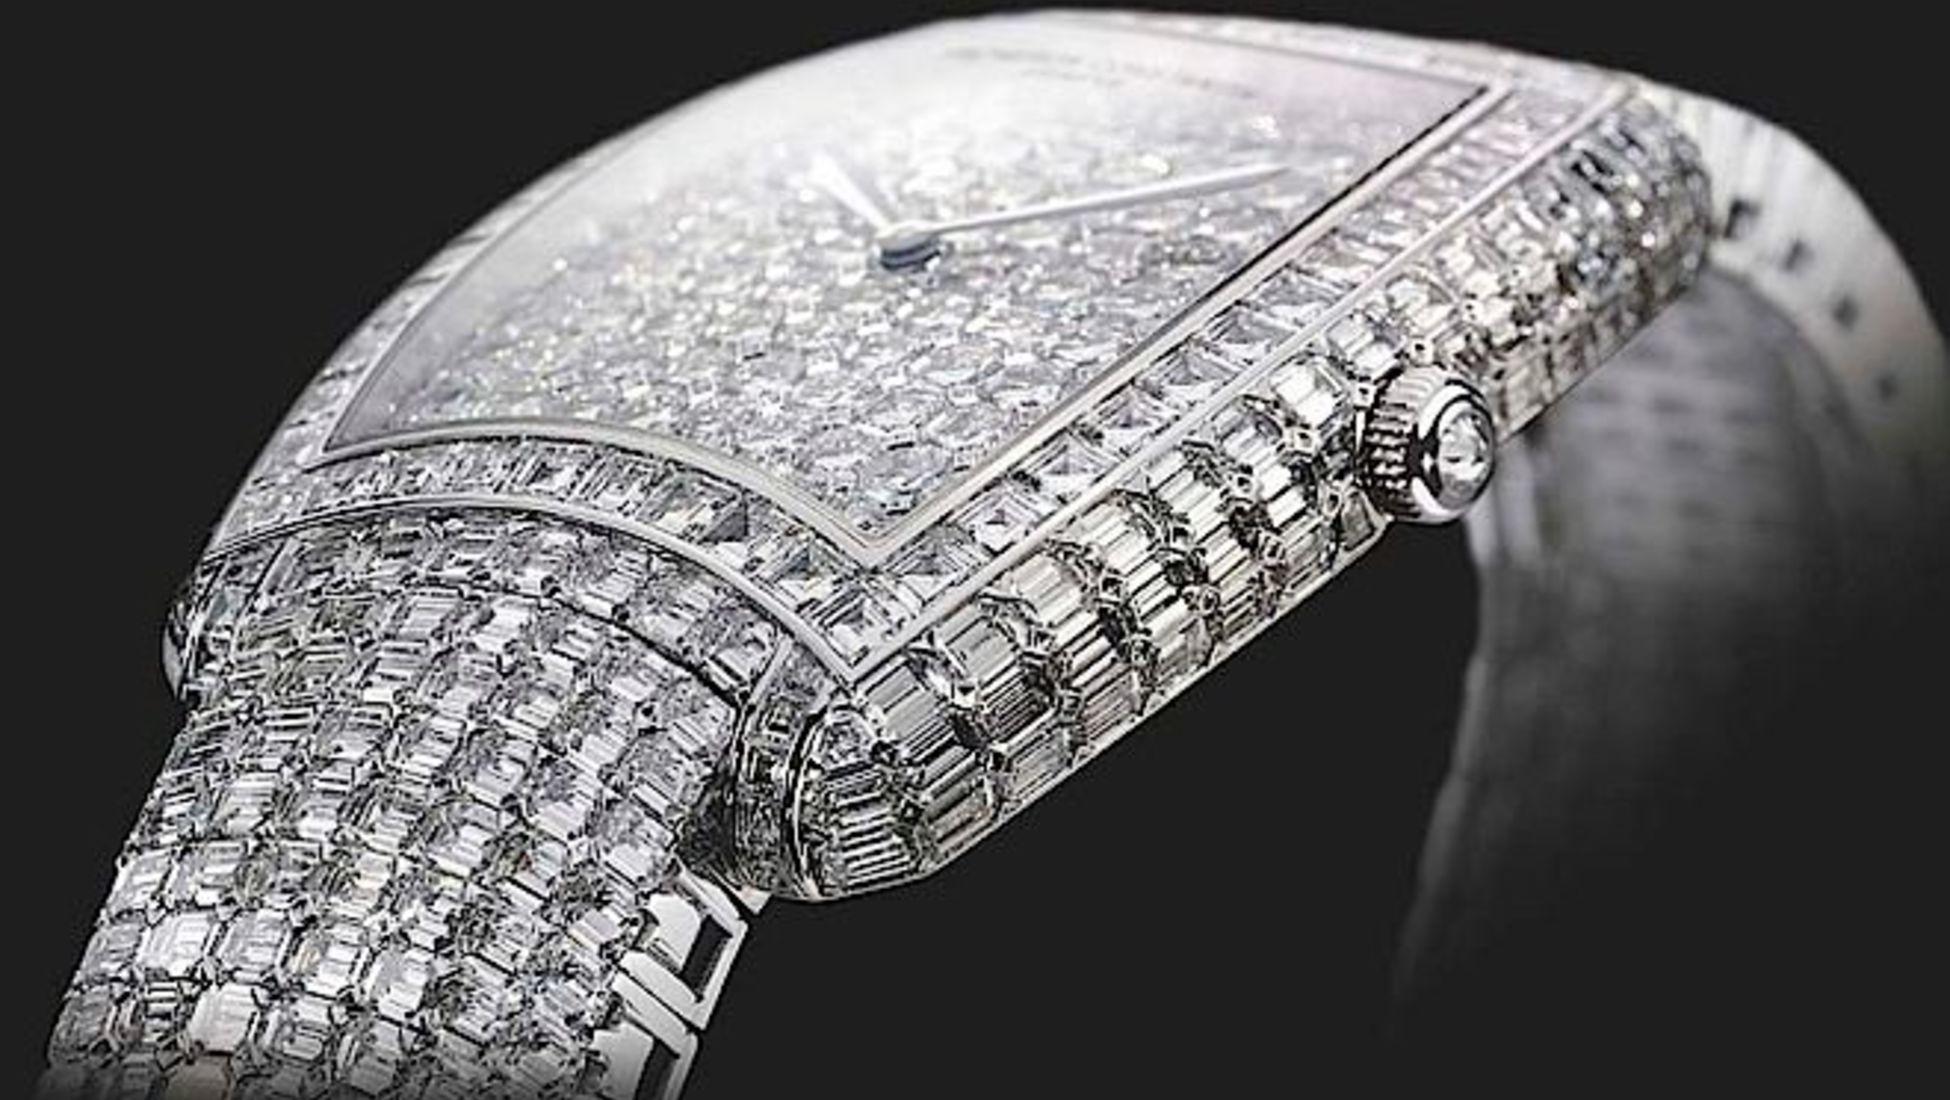 8a50d9eb27b º aniversário da Vacheron Constantin e tem um valor de 8 milhões de euros.  Isto faz com que seja um dos relógios mais caros de 2017.